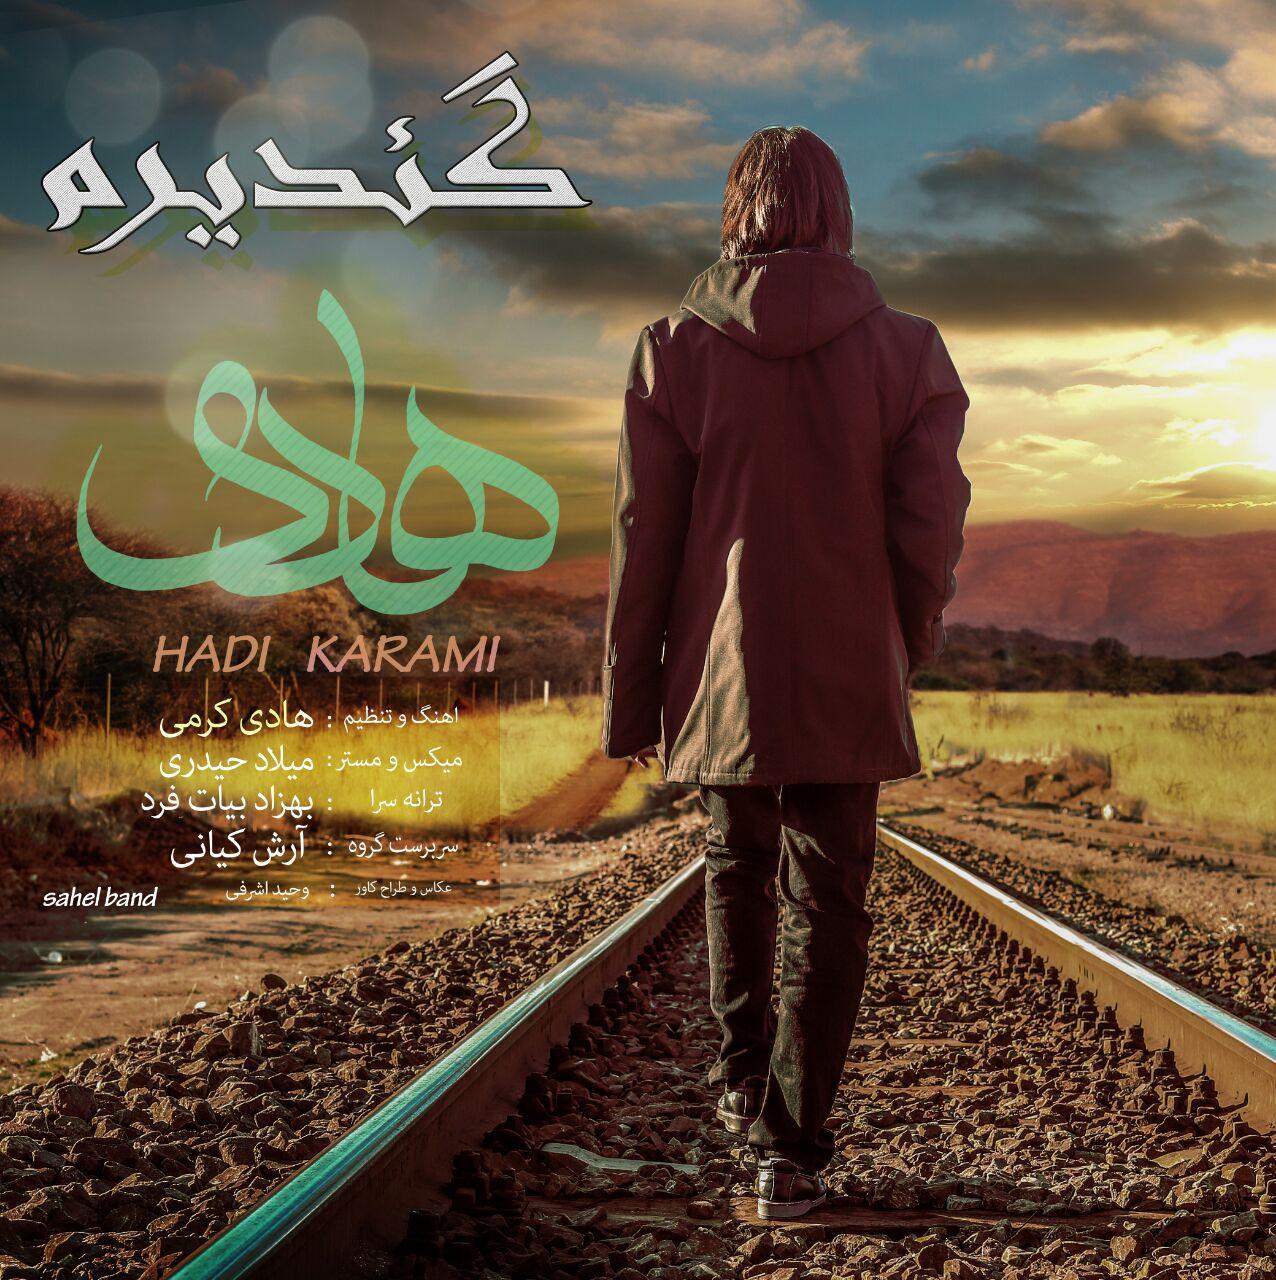 http://birtunes.ir/wp-content/uploads/2018/12/Hadi-Karami-Gediram.jpg